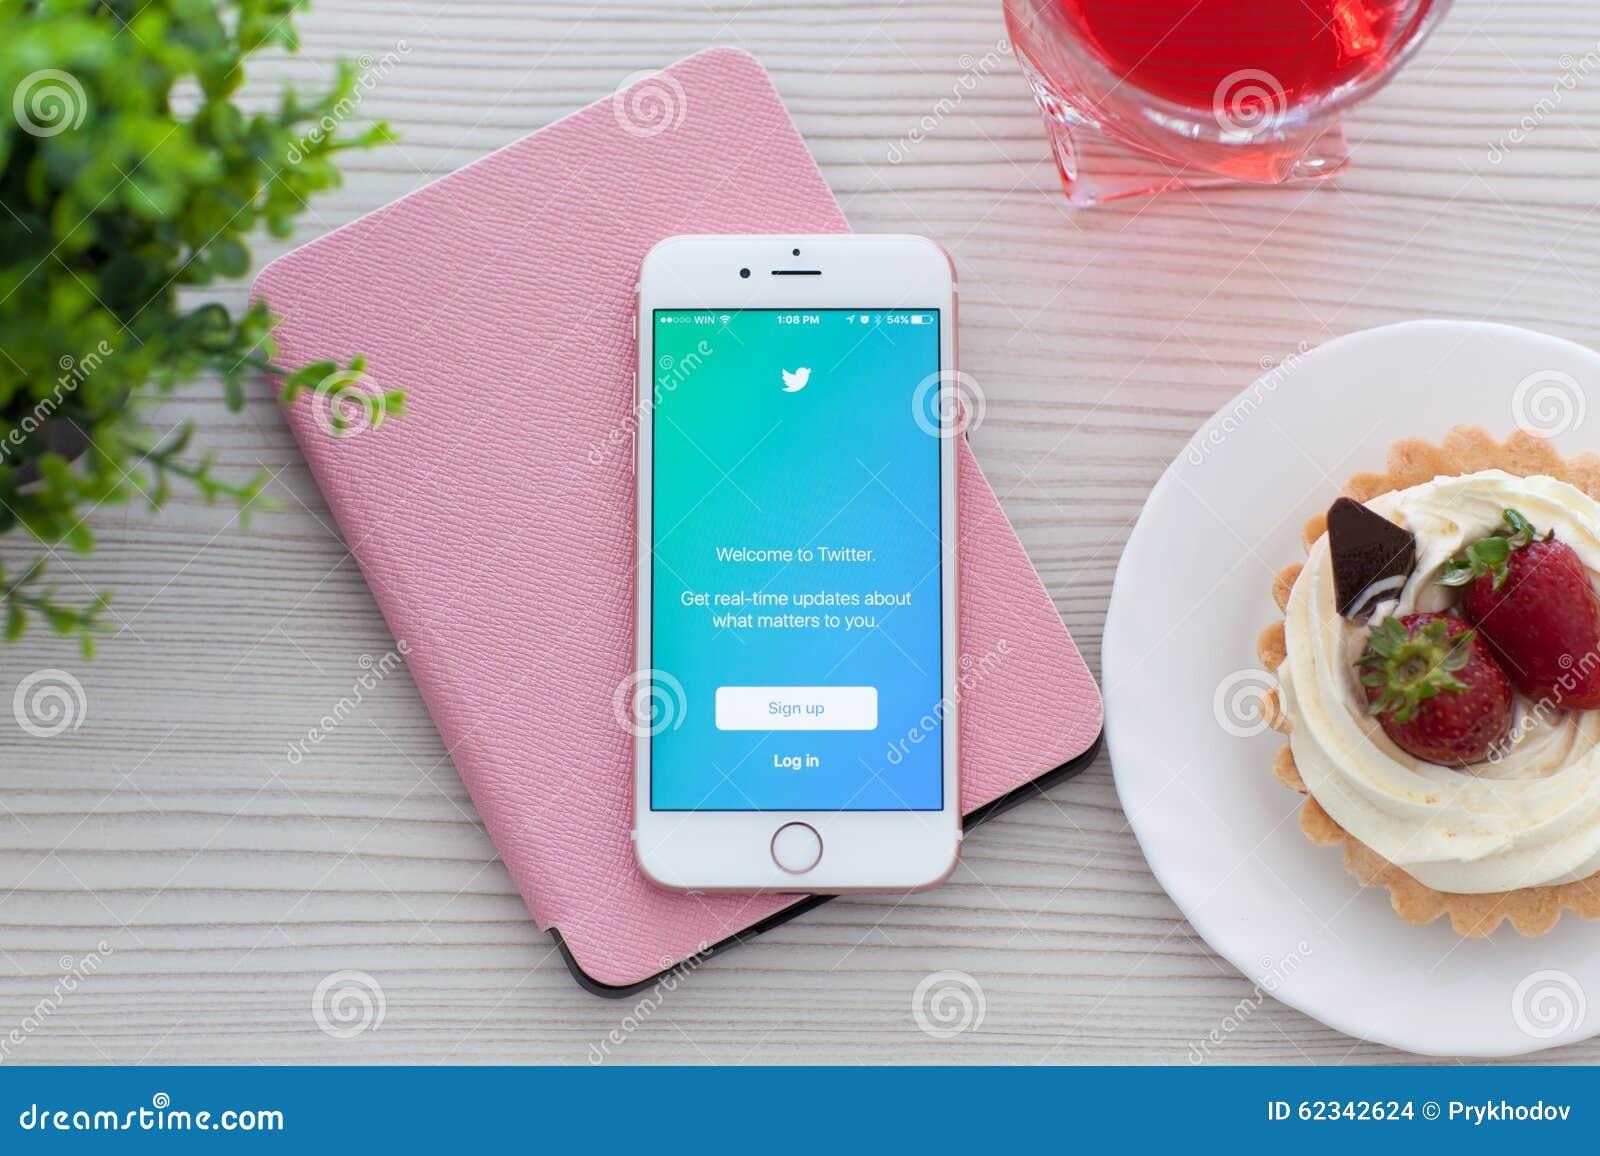 Iphone 6s rose gold mit app twitter auf dem tisch for Tisch iphone design